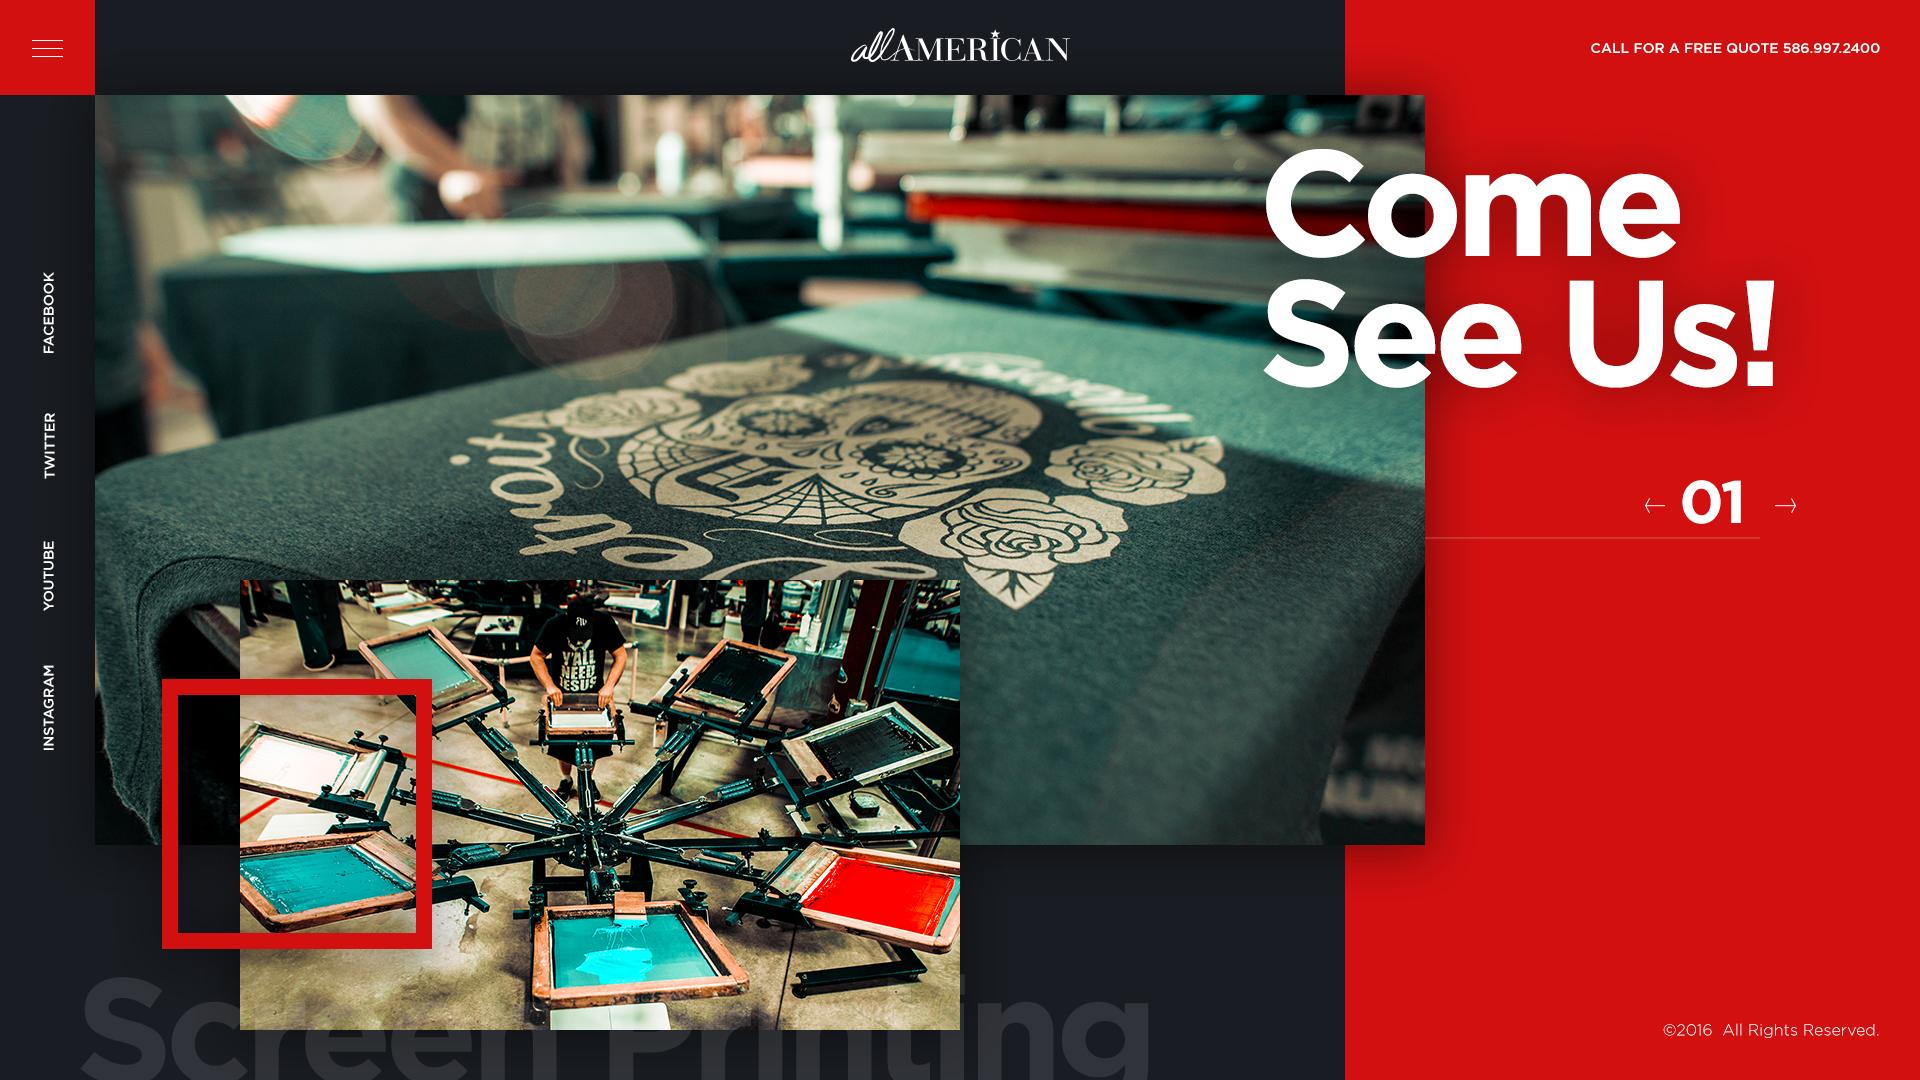 Aatshirts Website Design Preview